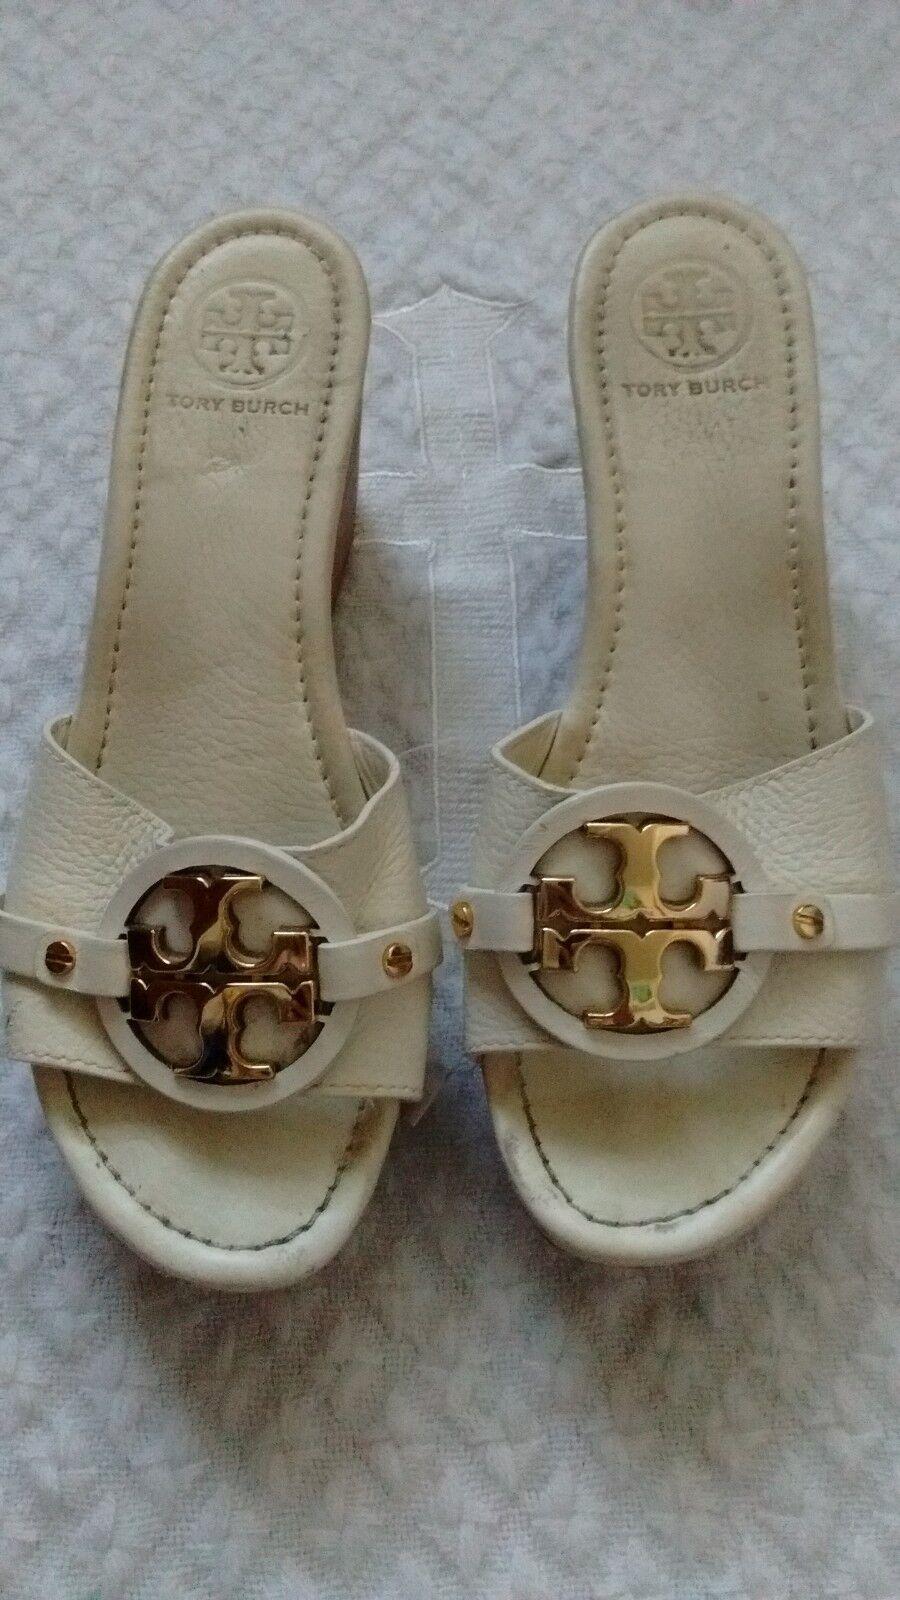 Auténticos Auténticos Auténticos zapatos de cuña de Tory Burch Beige para Mujer Talla 7.5 hecho en Brasil  Ahorre 35% - 70% de descuento